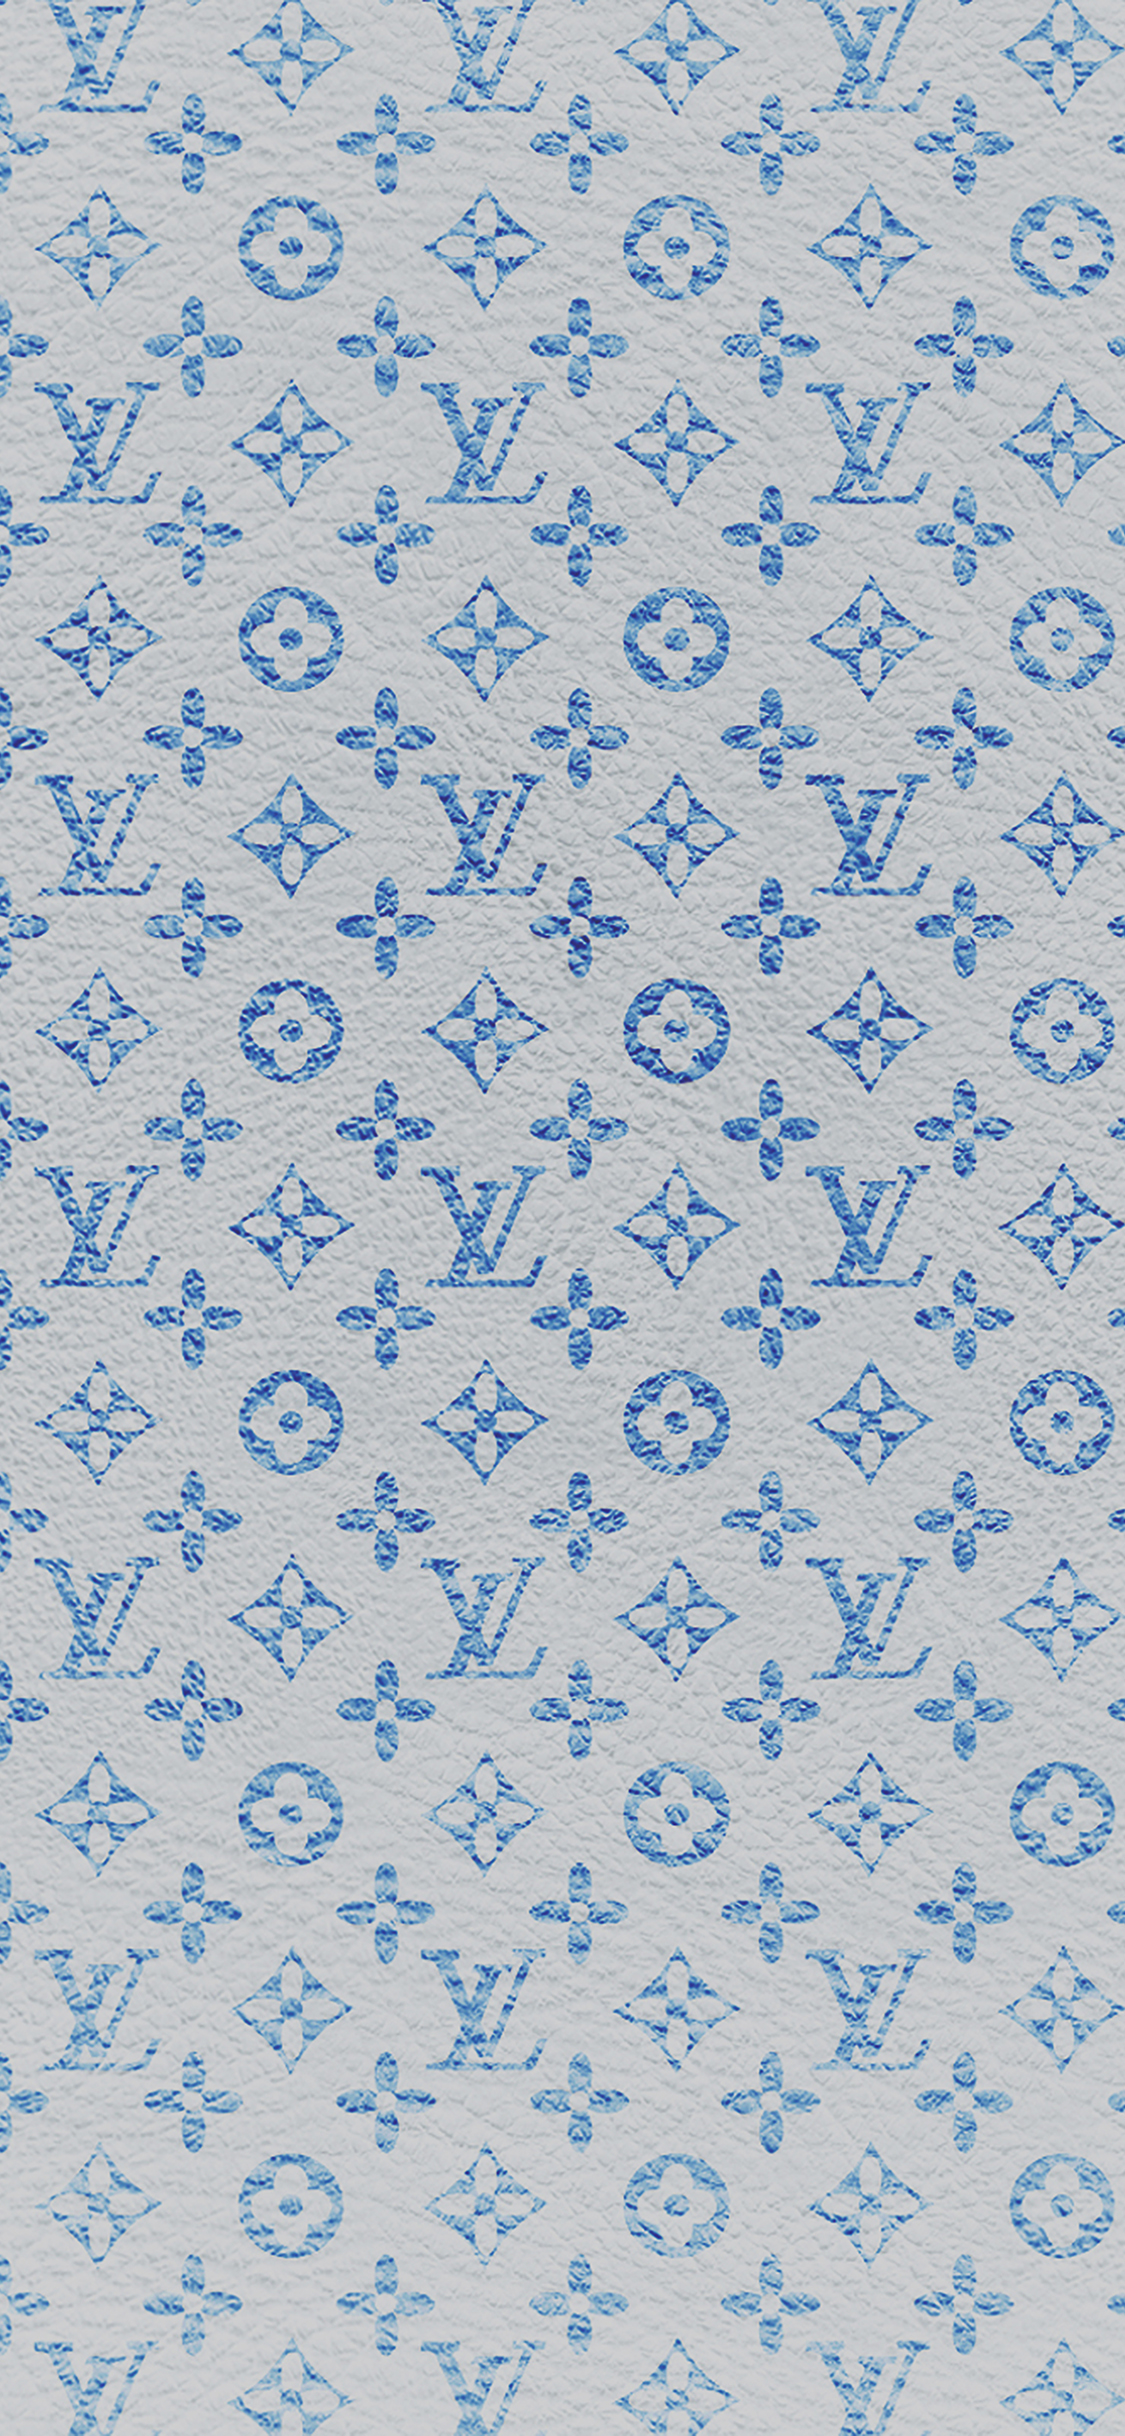 Louis Vuitton blue pattern art iPhone X wallpaper